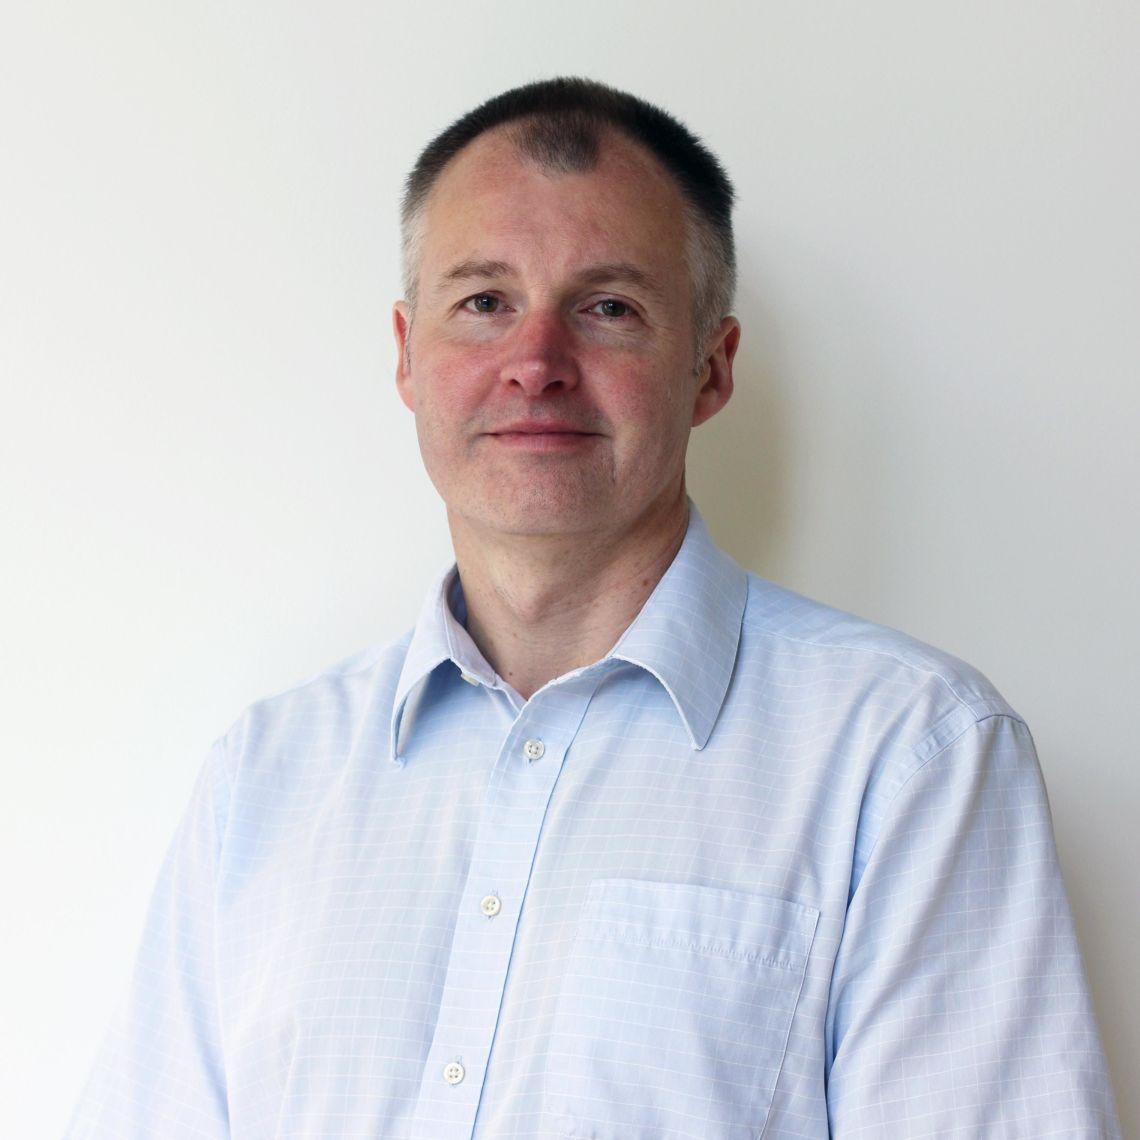 Dr Alan Young